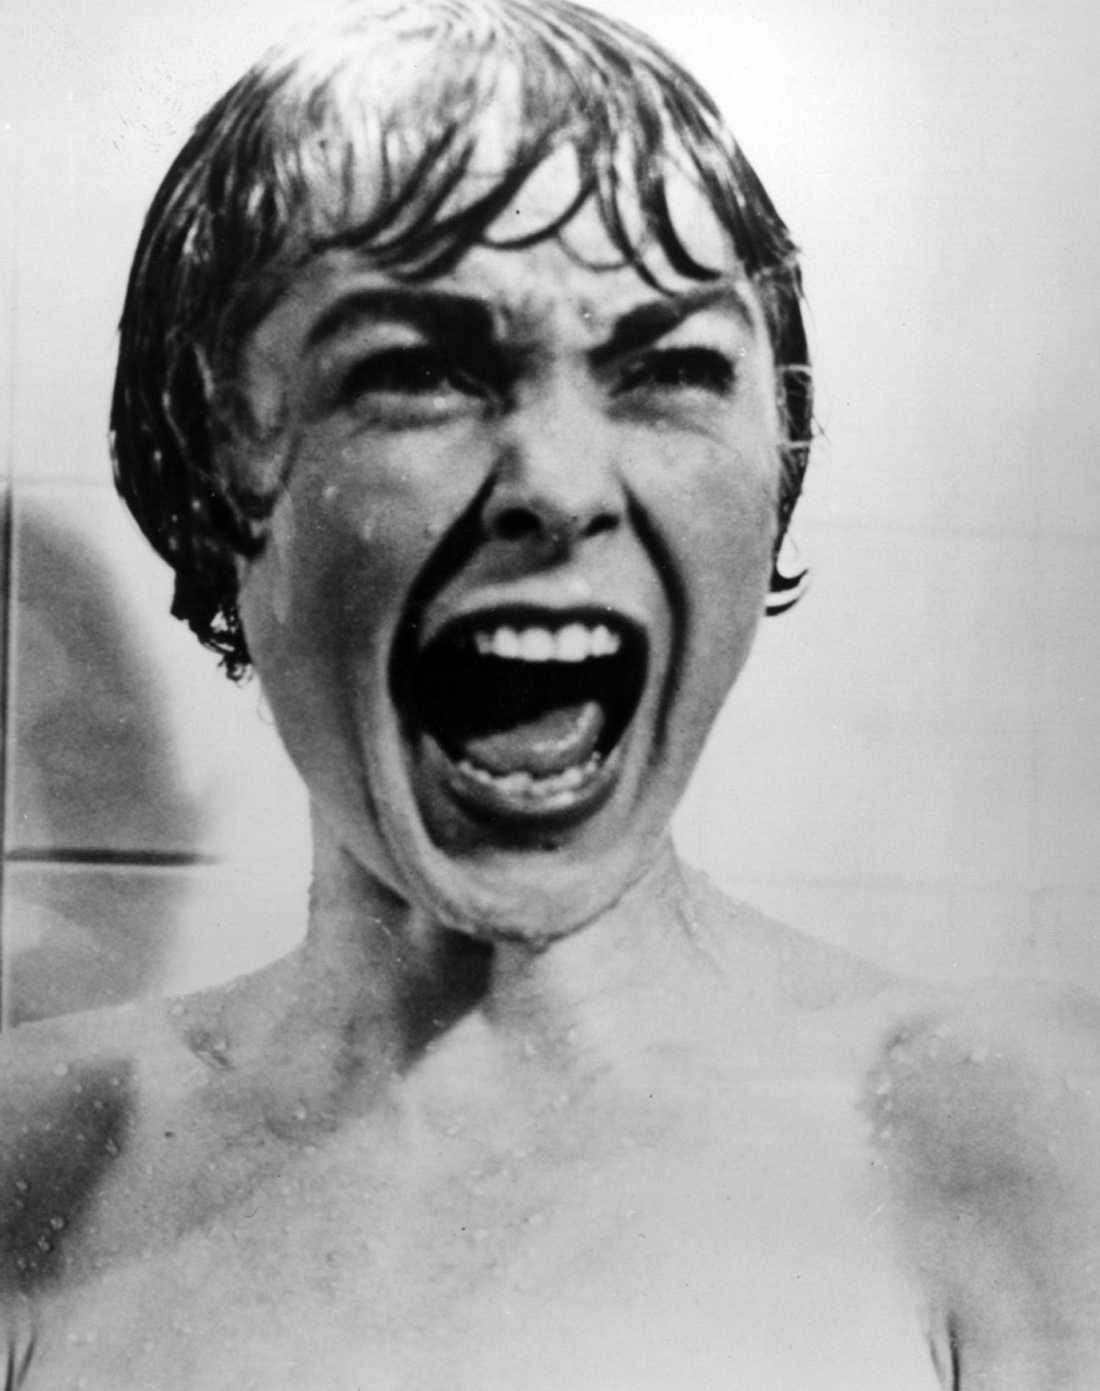 7 Psycho Inspelningsår: 1960 Skådespelare: Anthony Perkins, Janet Leigh, Vera Miles. Handlingen i korthet: Motellägare med osund relation till sin mamma sätter klorna i kvinnlig gäst på flykt. Klassisk scen: Den Oförglömliga Duschen.